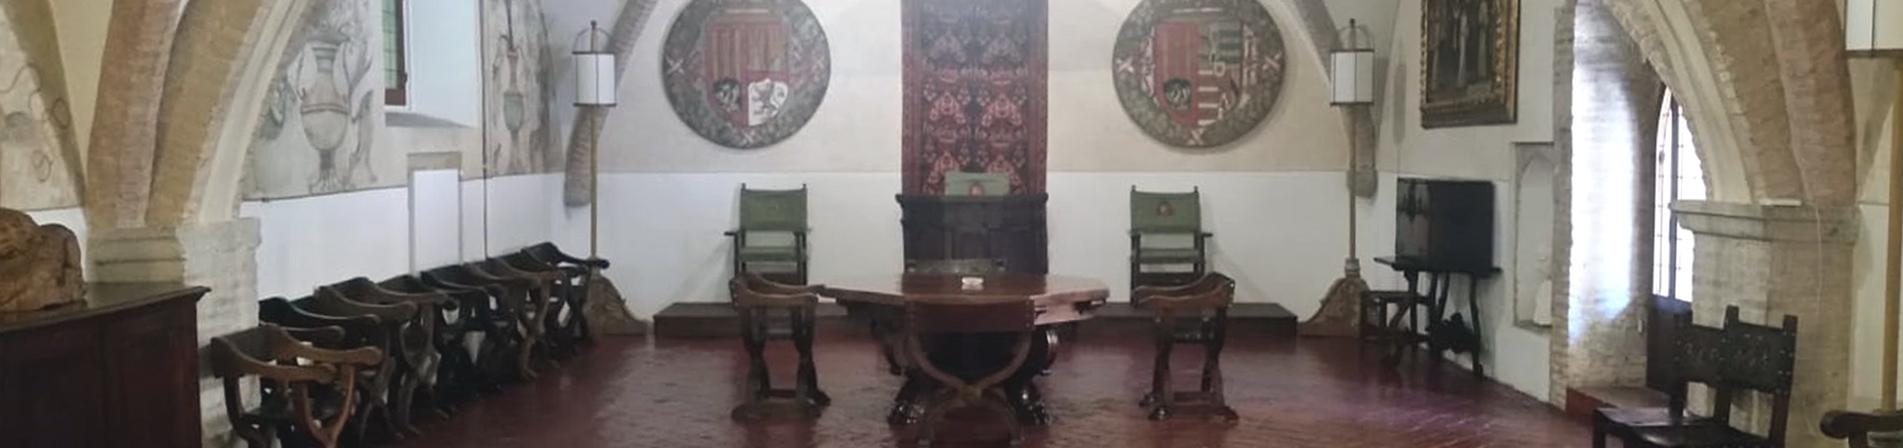 Sociedad Española de Historiografía Lingüística (SEHL) – XII Congreso Internacional (CISEHL)